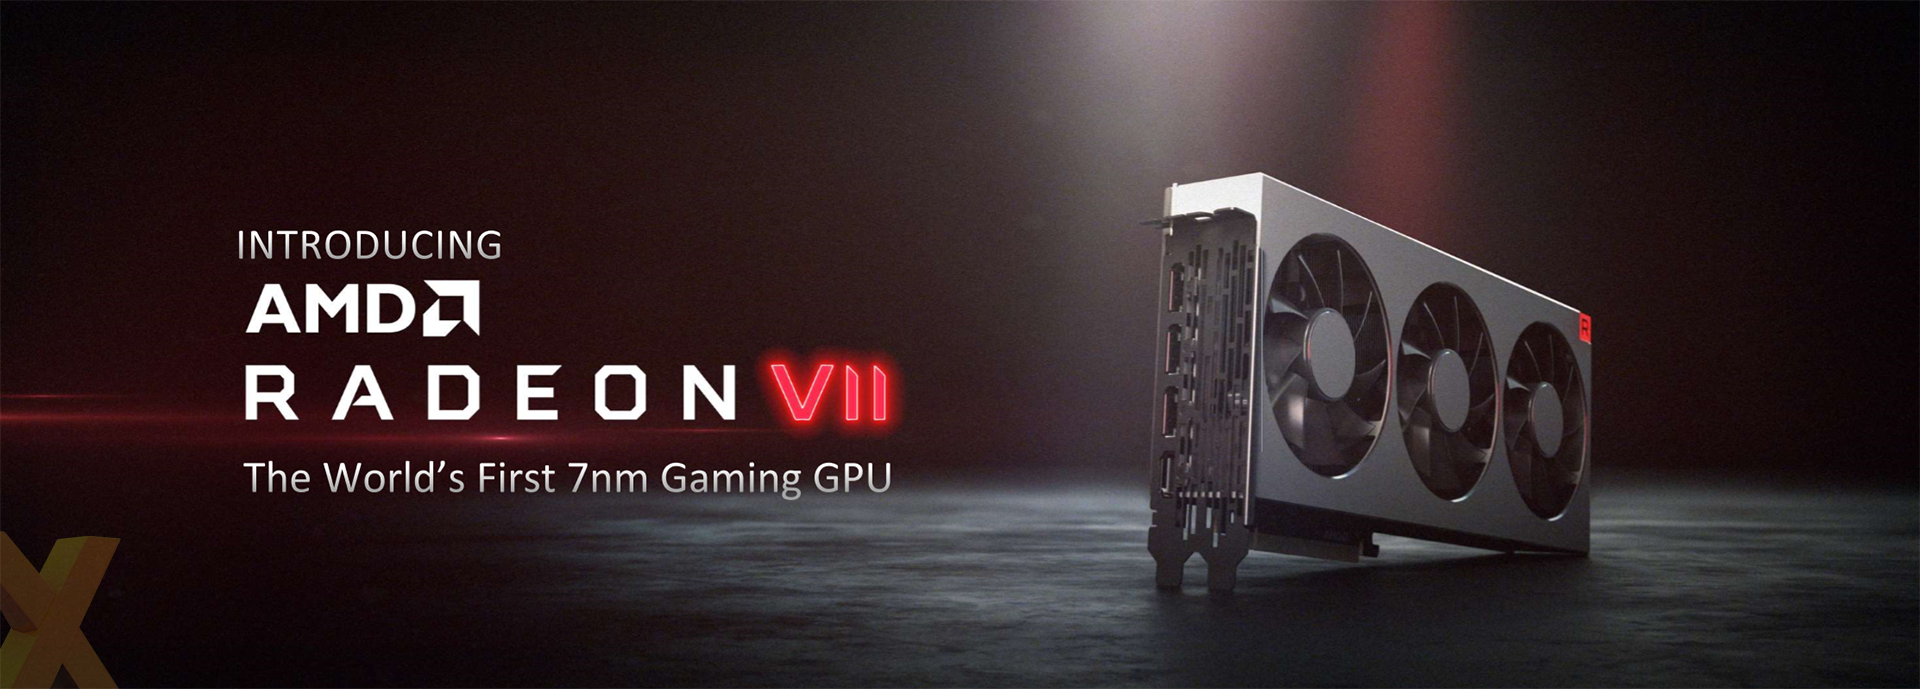 Review: AMD Radeon VII - Graphics - HEXUS net